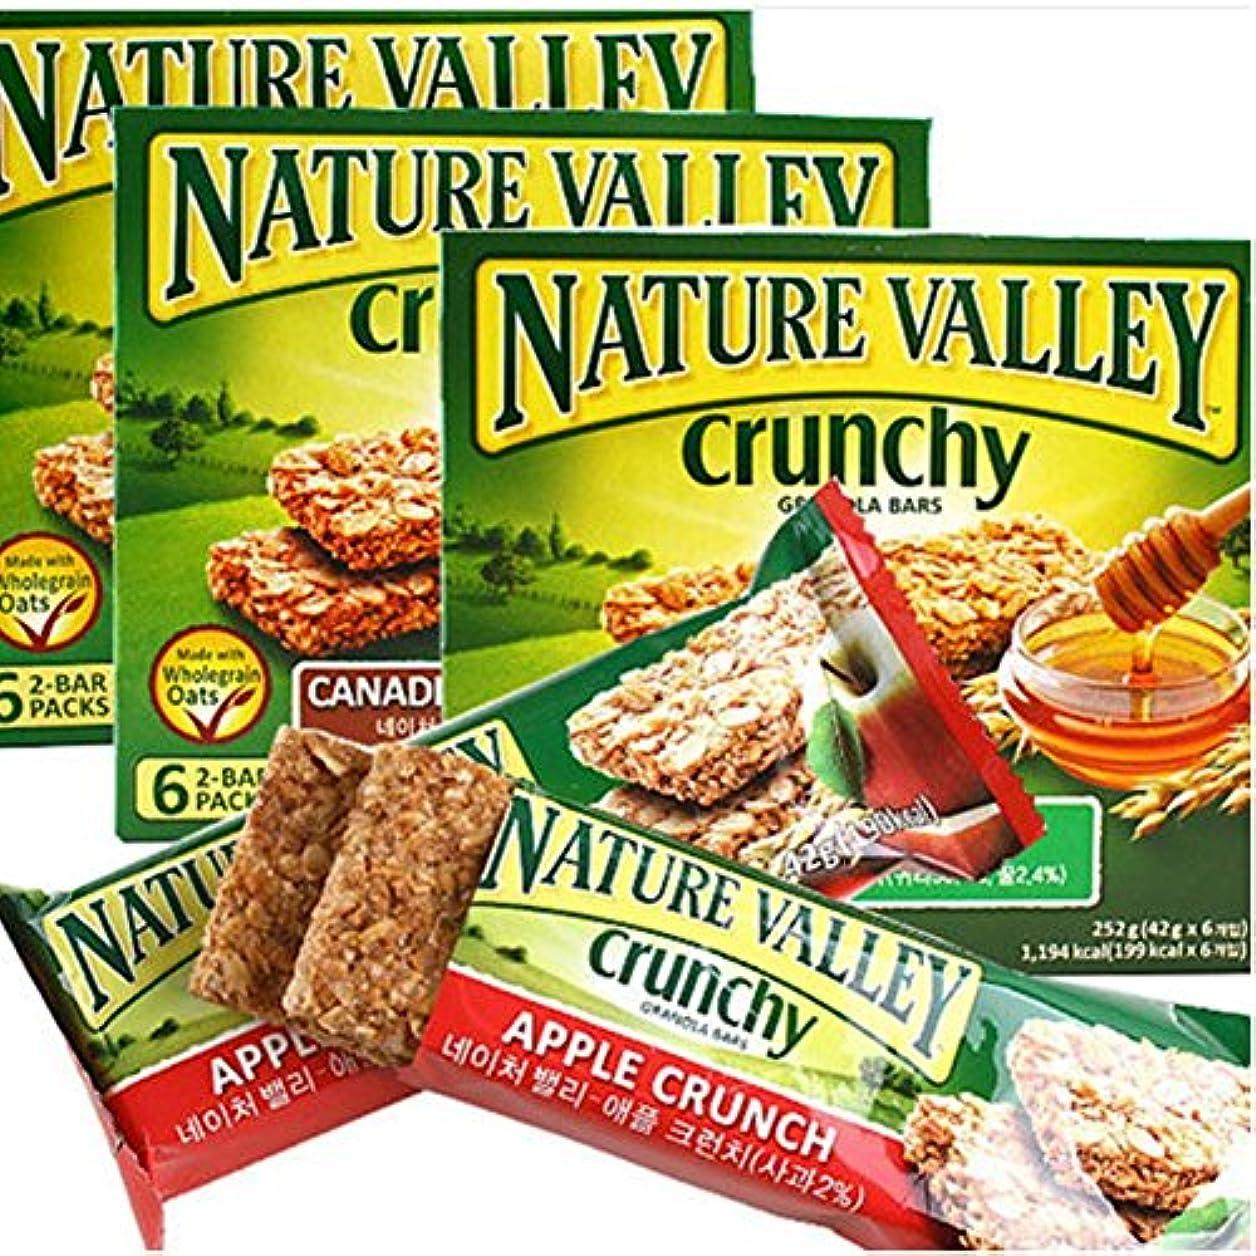 エンゲージメント天の大使[ネイチャーバレー/Nature Valley] APPLE CRUNCH SYRUP/ネイチャーバレークランチグラノーラバー42g5パックx3 Box - アップルクランチシロップ(合計15袋)穀物バー/シリアル/栄養...